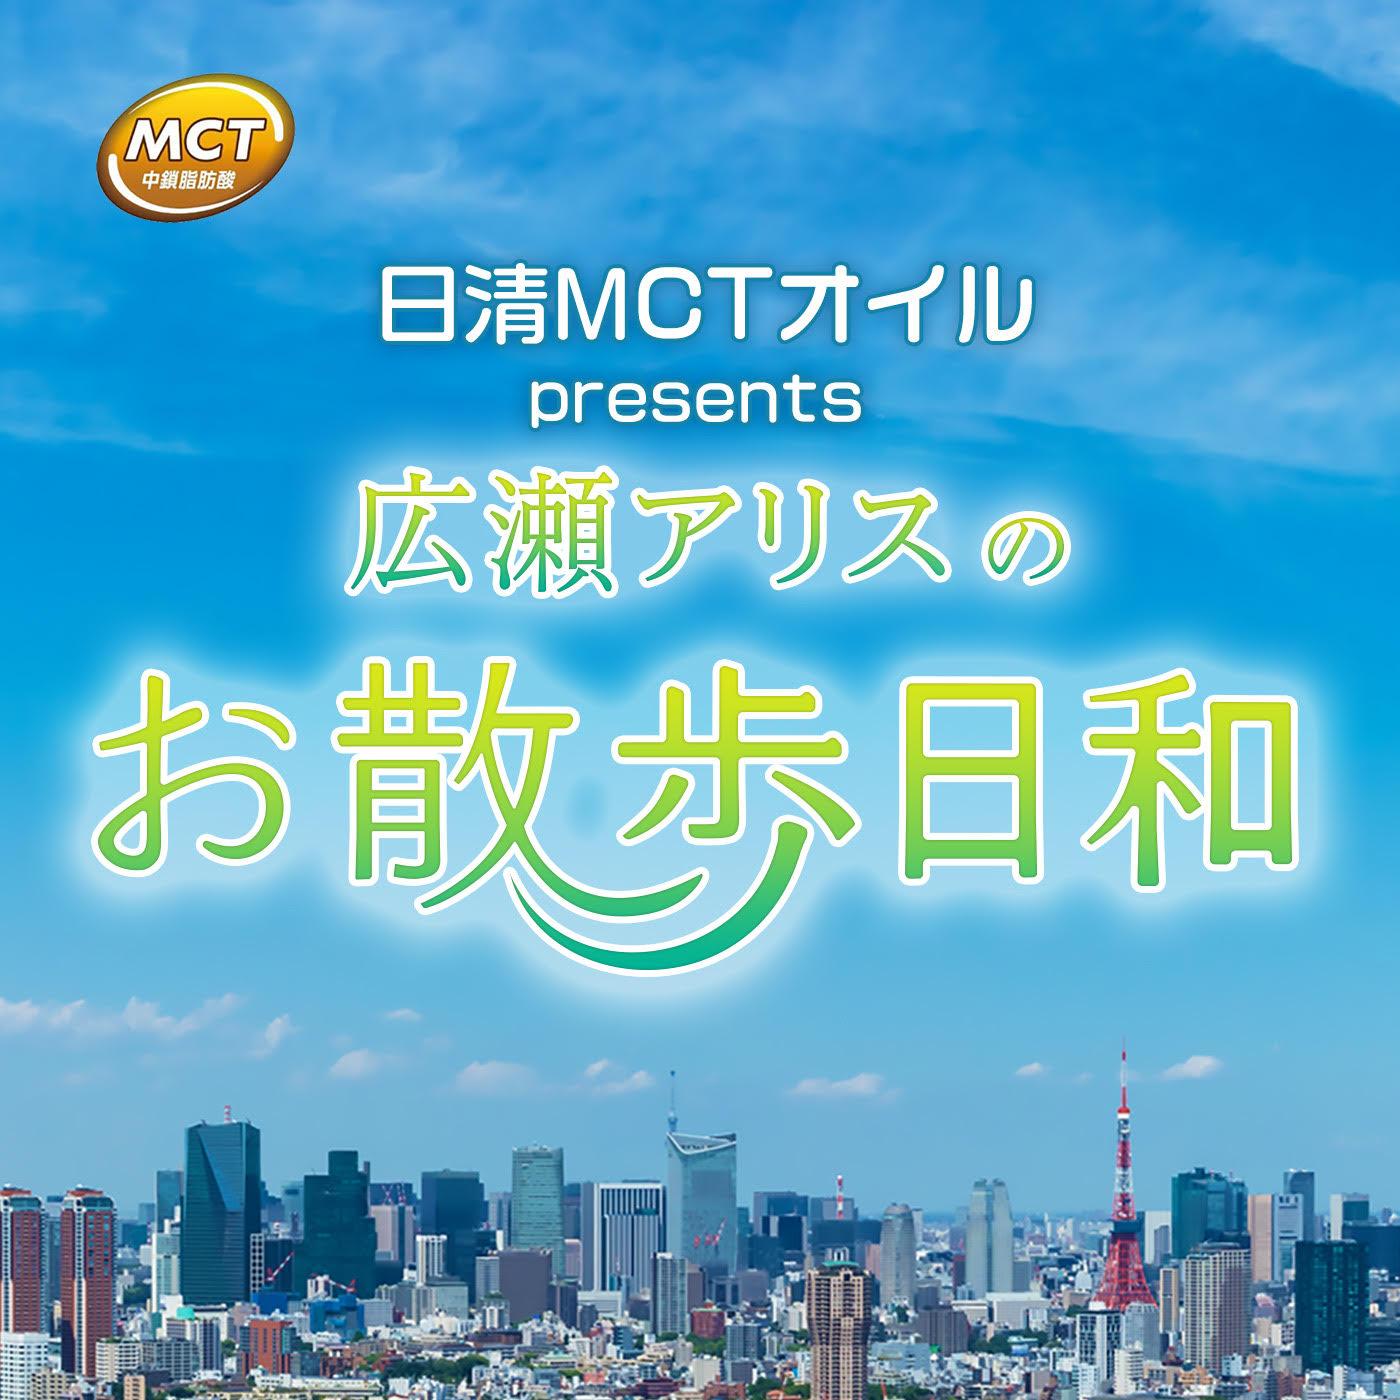 真夜中 の 御徒 町 石川生造花店 HOME - kanda-ishikawaflower.com